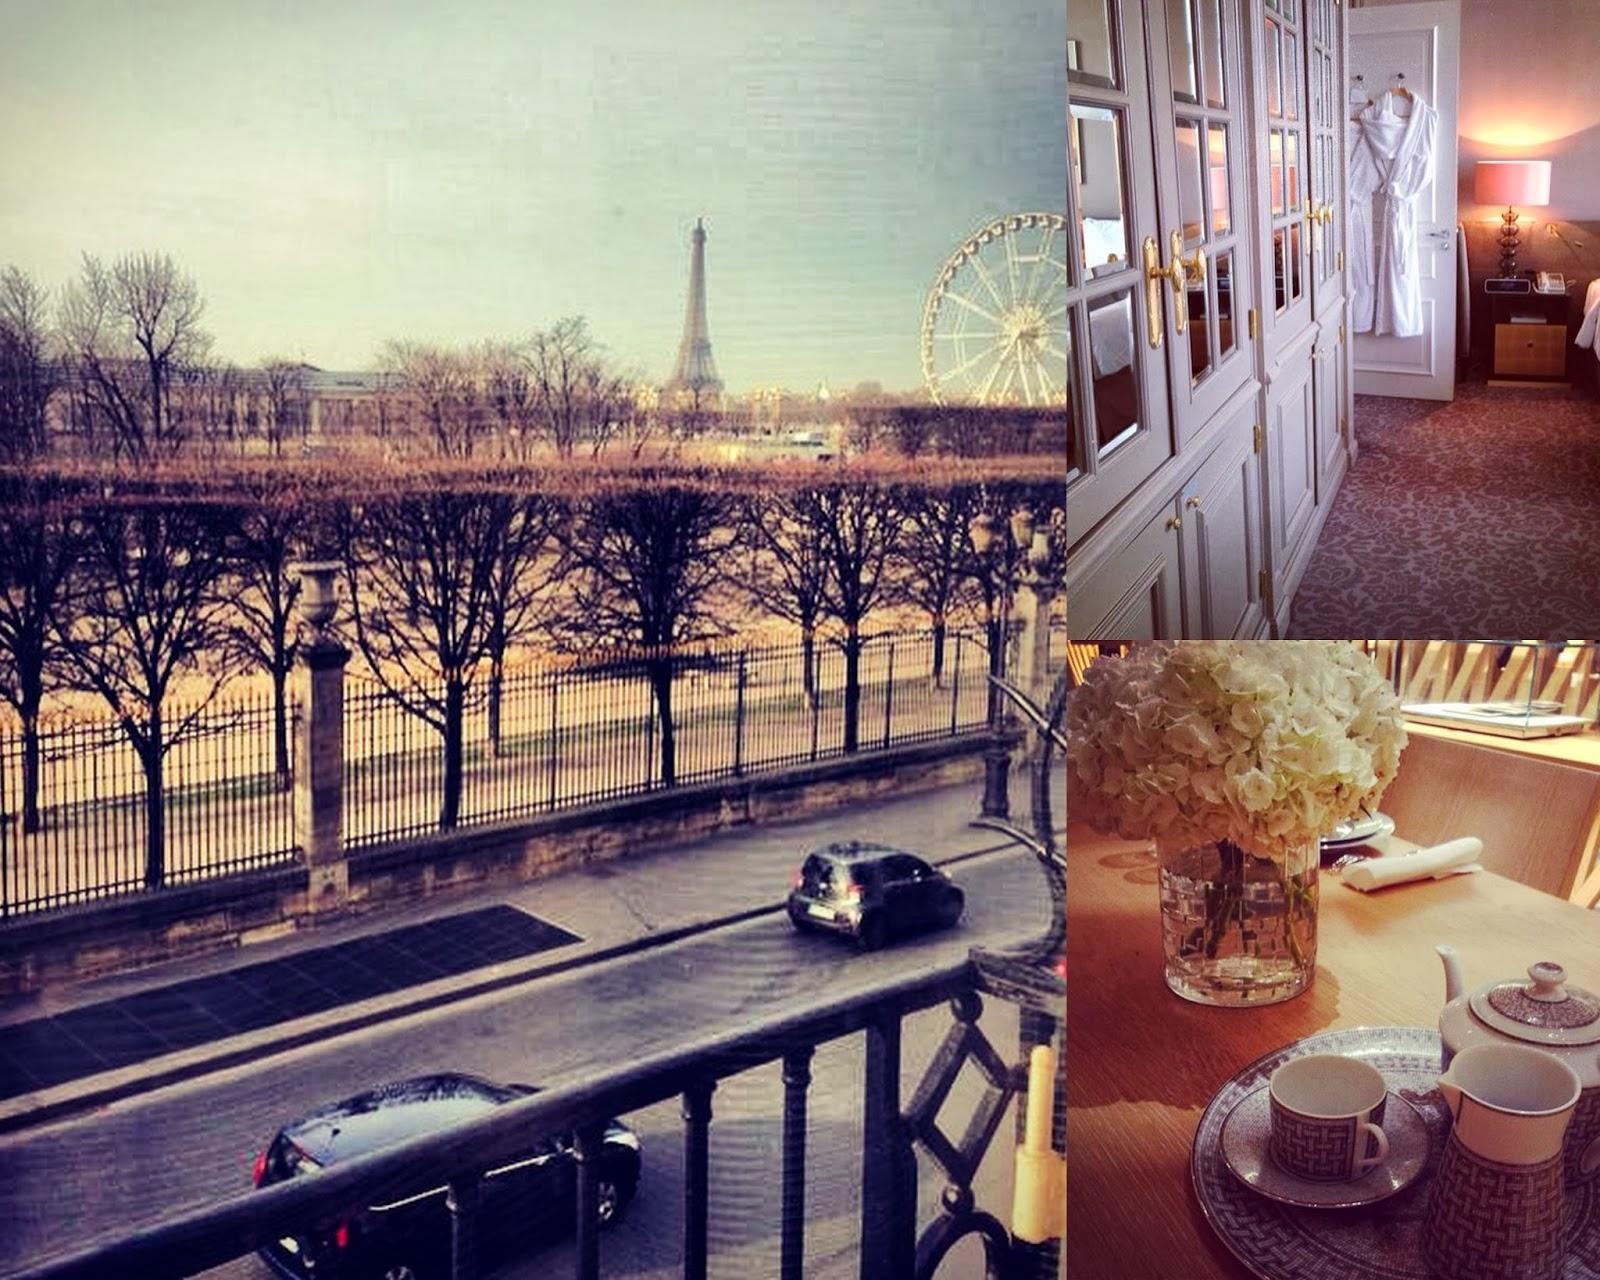 French diary, costa de la moda, Irina Pavlova